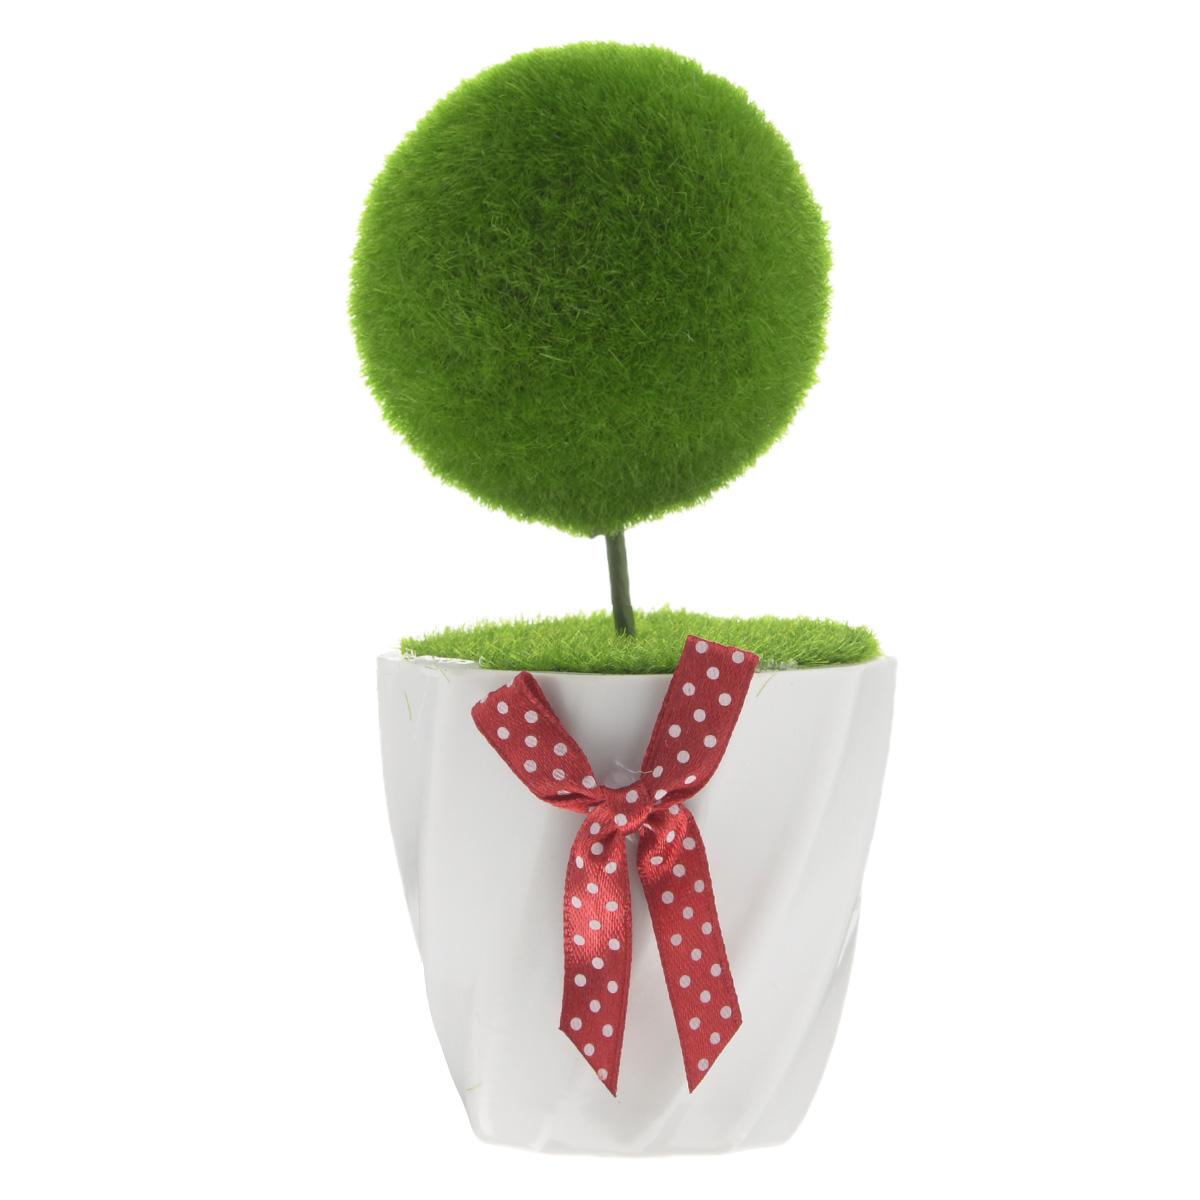 Декоративное украшение Феникс-презент Шарик, высота 14 см37563Декоративное украшение Феникс-презент Шарик, изготовленное из ПВХ и пенопласта дополнит интерьер любого помещения, а также может стать оригинальным подарком для ваших друзей и близких. Композиция выполнена в виде деревца с кроной в форме шара. Деревце располагается в небольшом горшочке. Оформление помещения декоративным деревом создаст праздничную, по-настоящему радостную и теплую атмосферу в доме. Диаметр кроны дерева: 6 см.